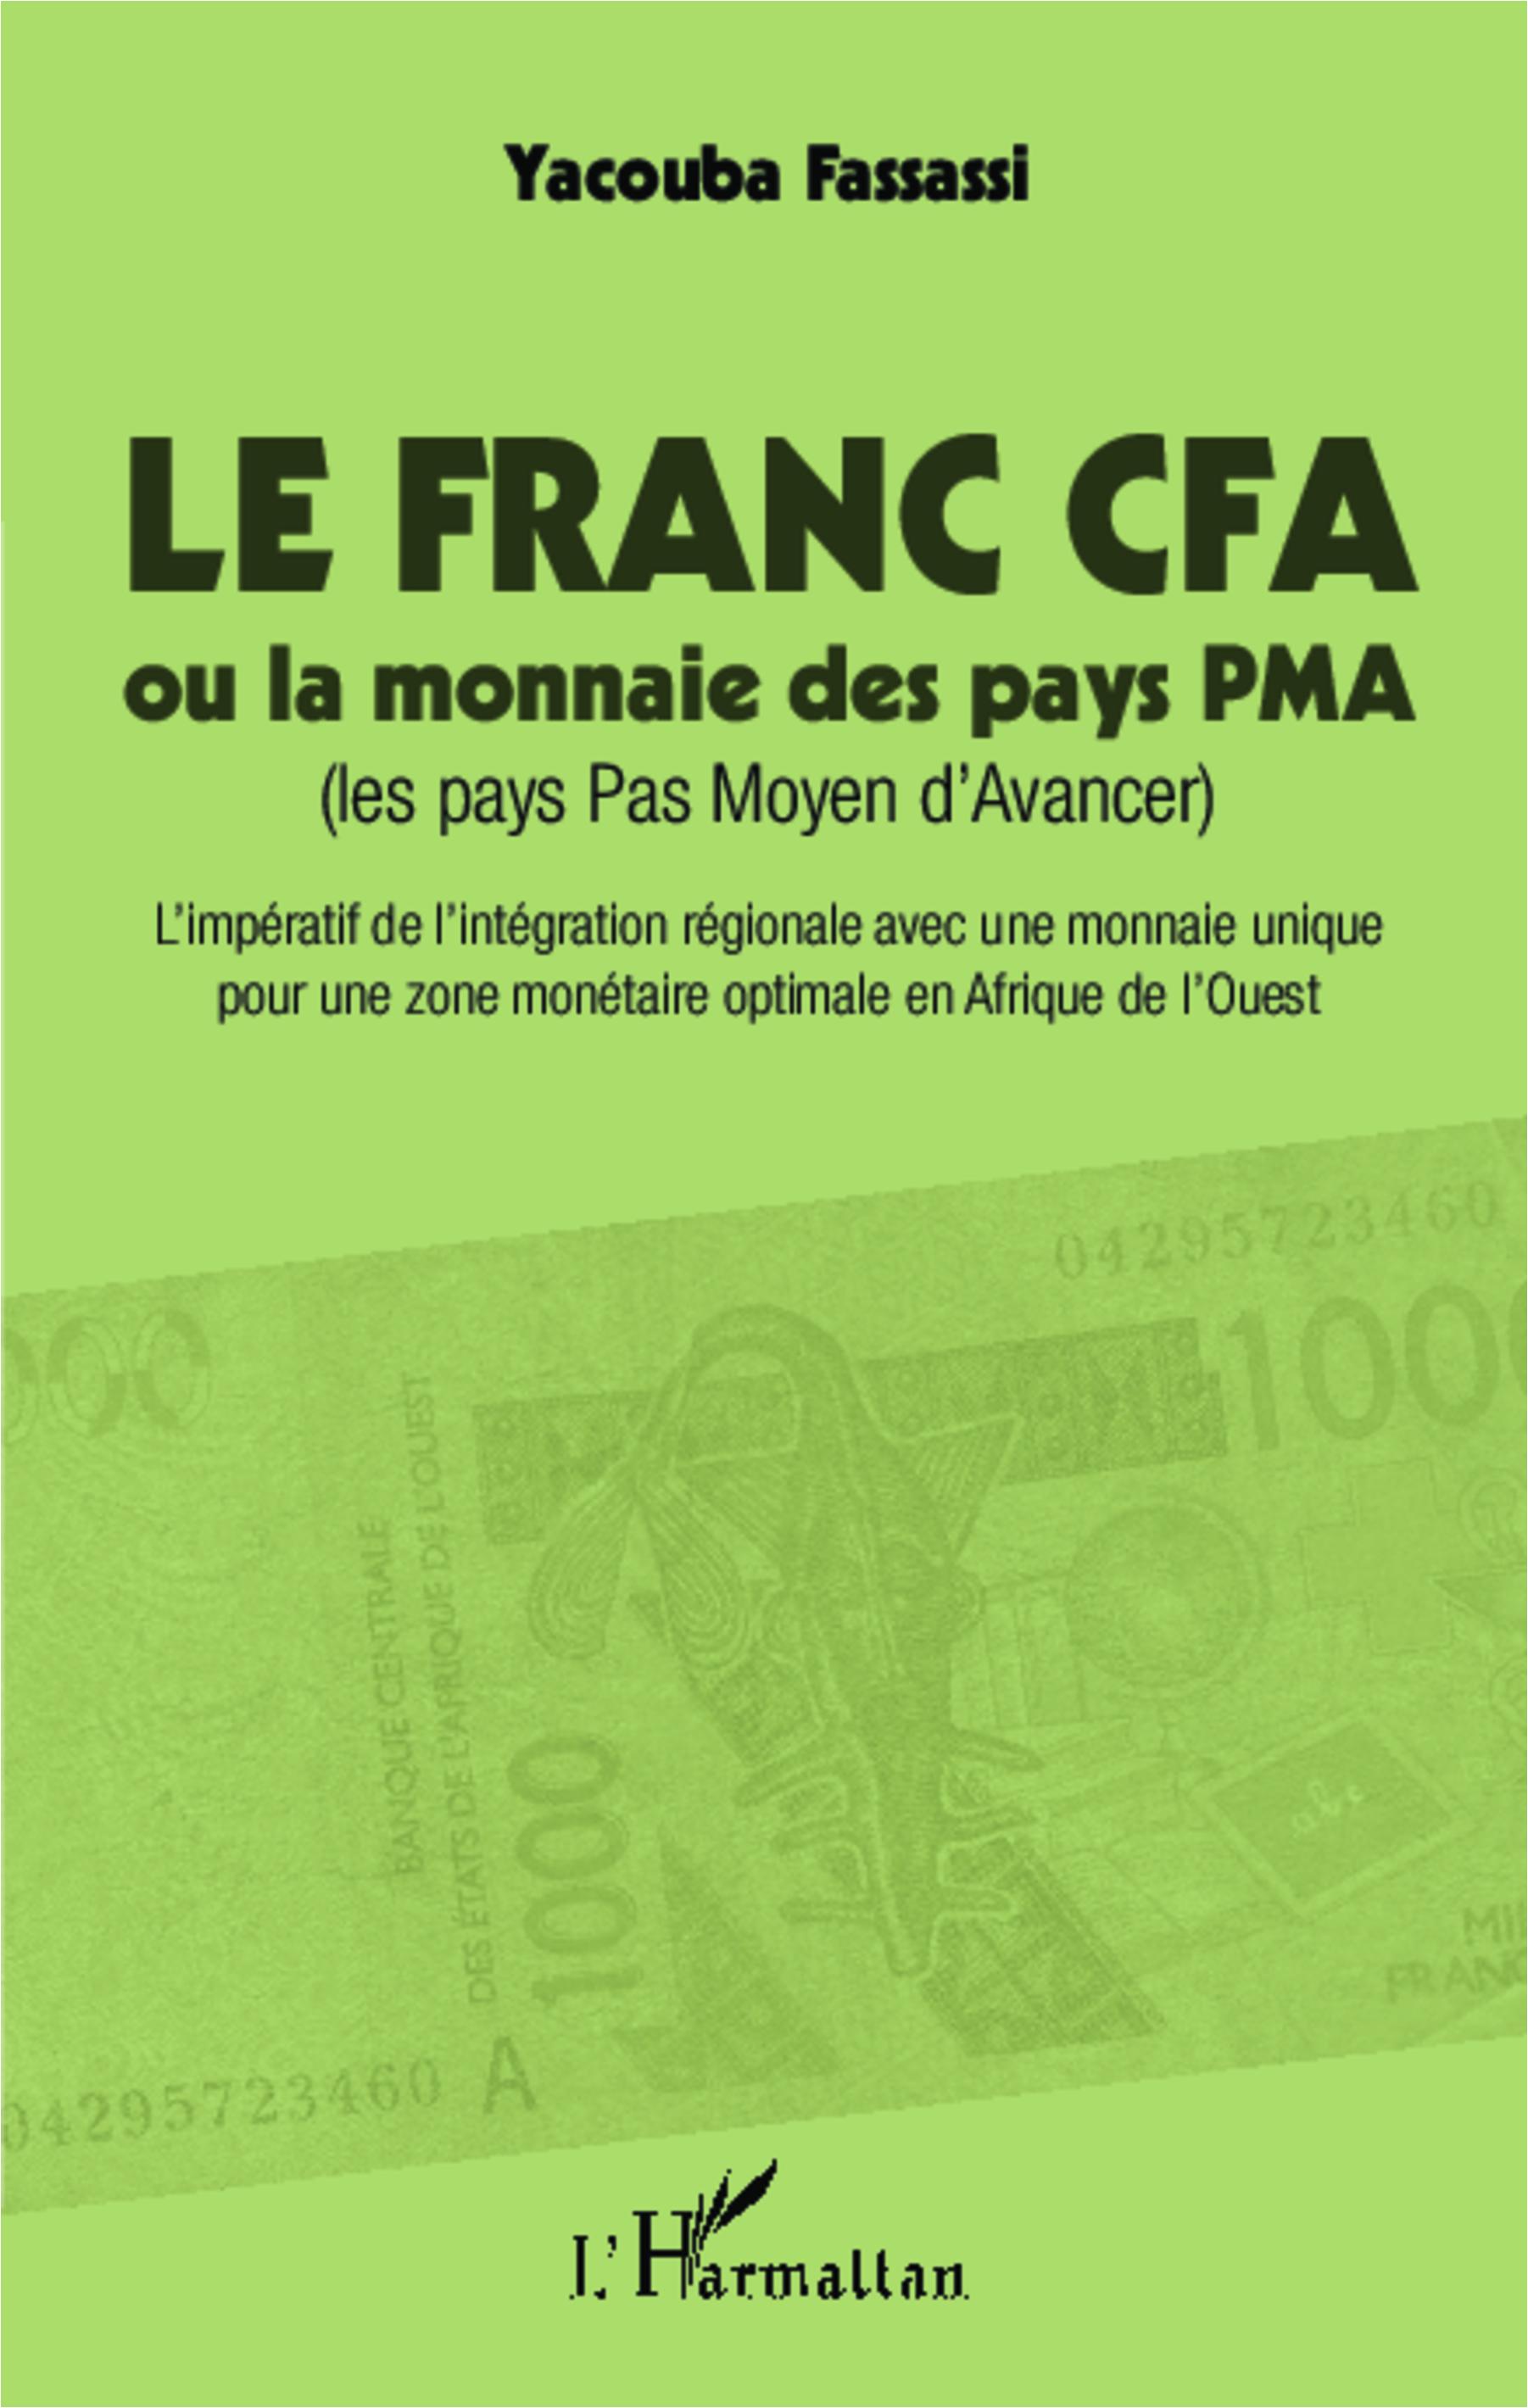 Le Franc Cfa Ou La Monnaie Des Pays Pma Les Pays Pas Moyen D